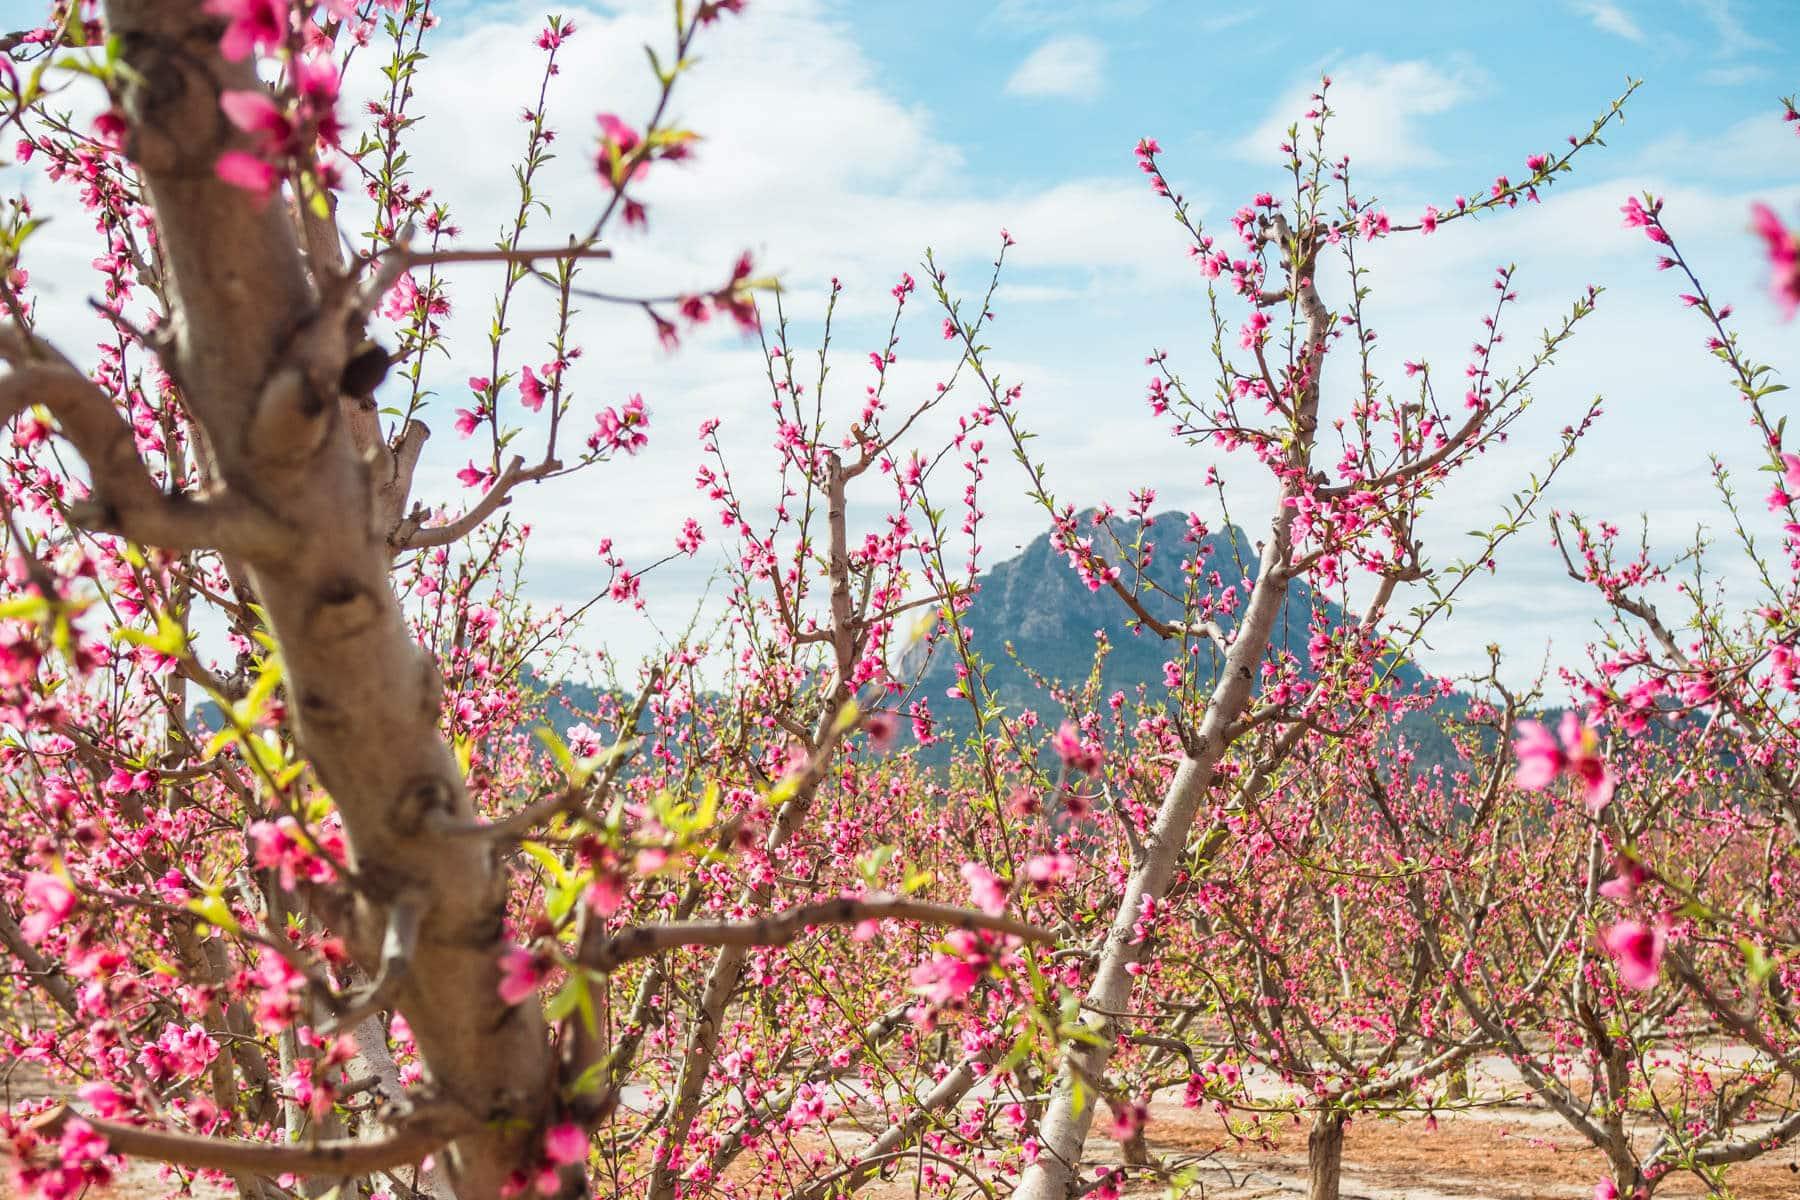 Pink peach tree blossoms in Cieza, Murcia - A guide to Floración de Cieza